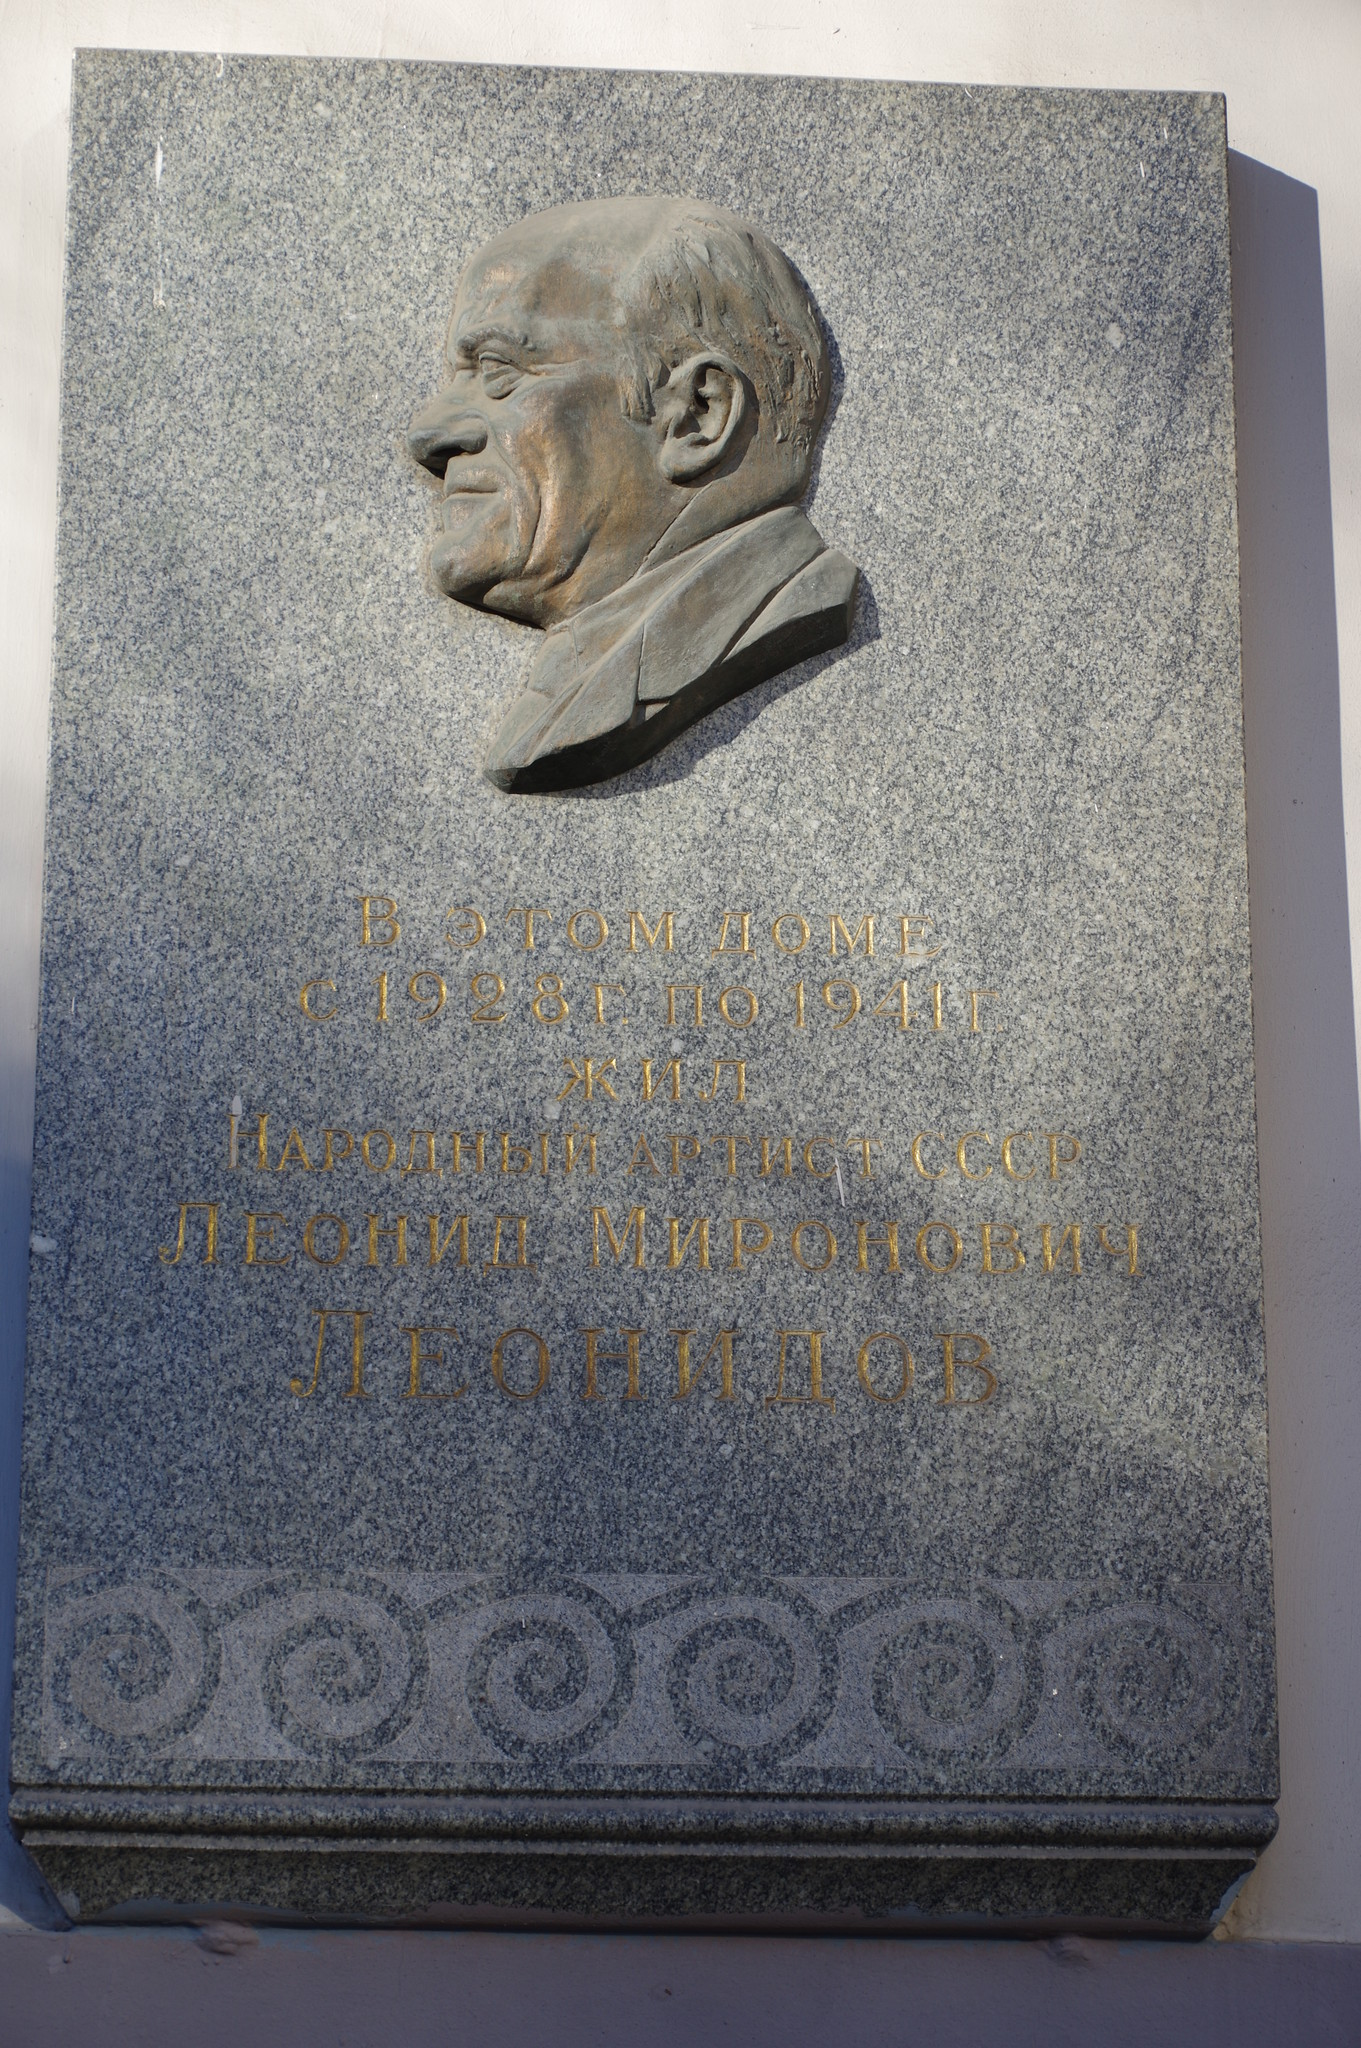 Мемориальная доска на доме (Брюсов переулок, дом 17, строение 1), в котором с 1928 года по 1941 год жил Народный артист СССР Леонид Миронович Леонидов